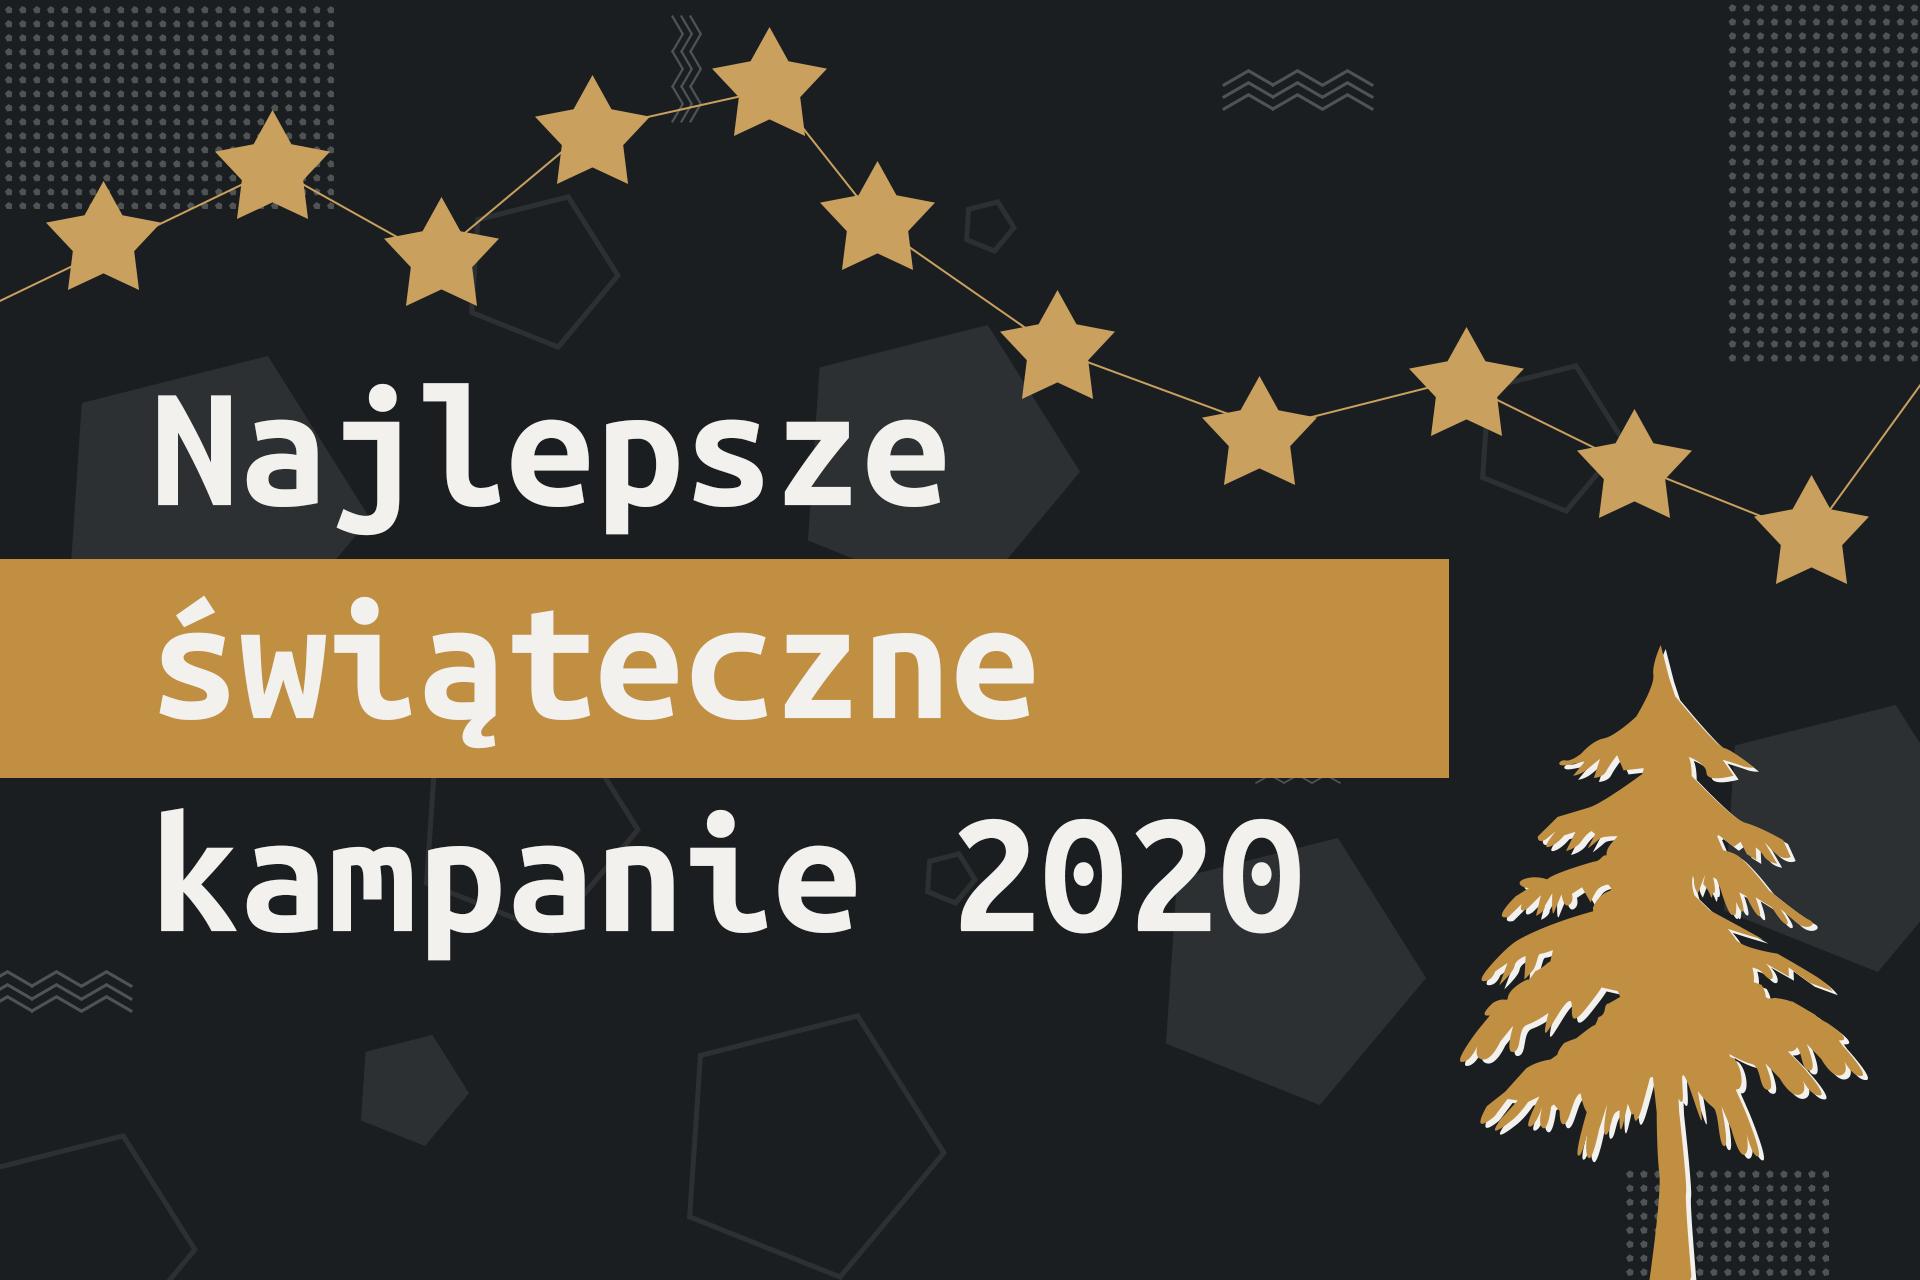 Najlepsze świąteczne kampanie 2020